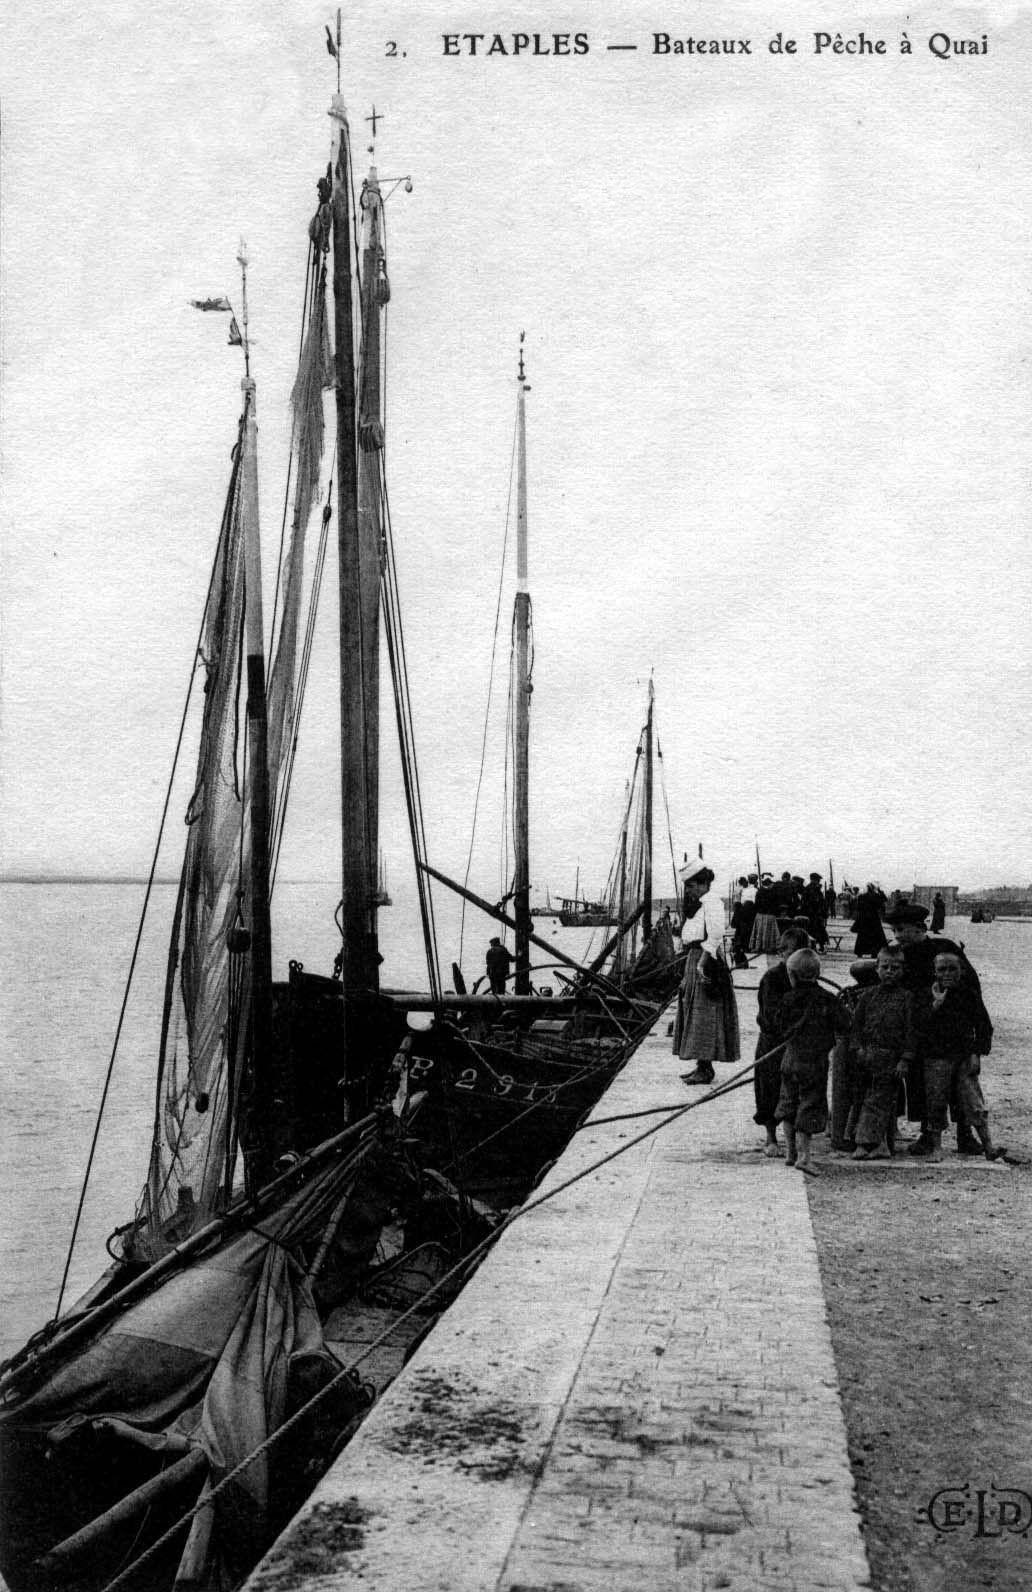 Etaples - bateaux de pêche à quai